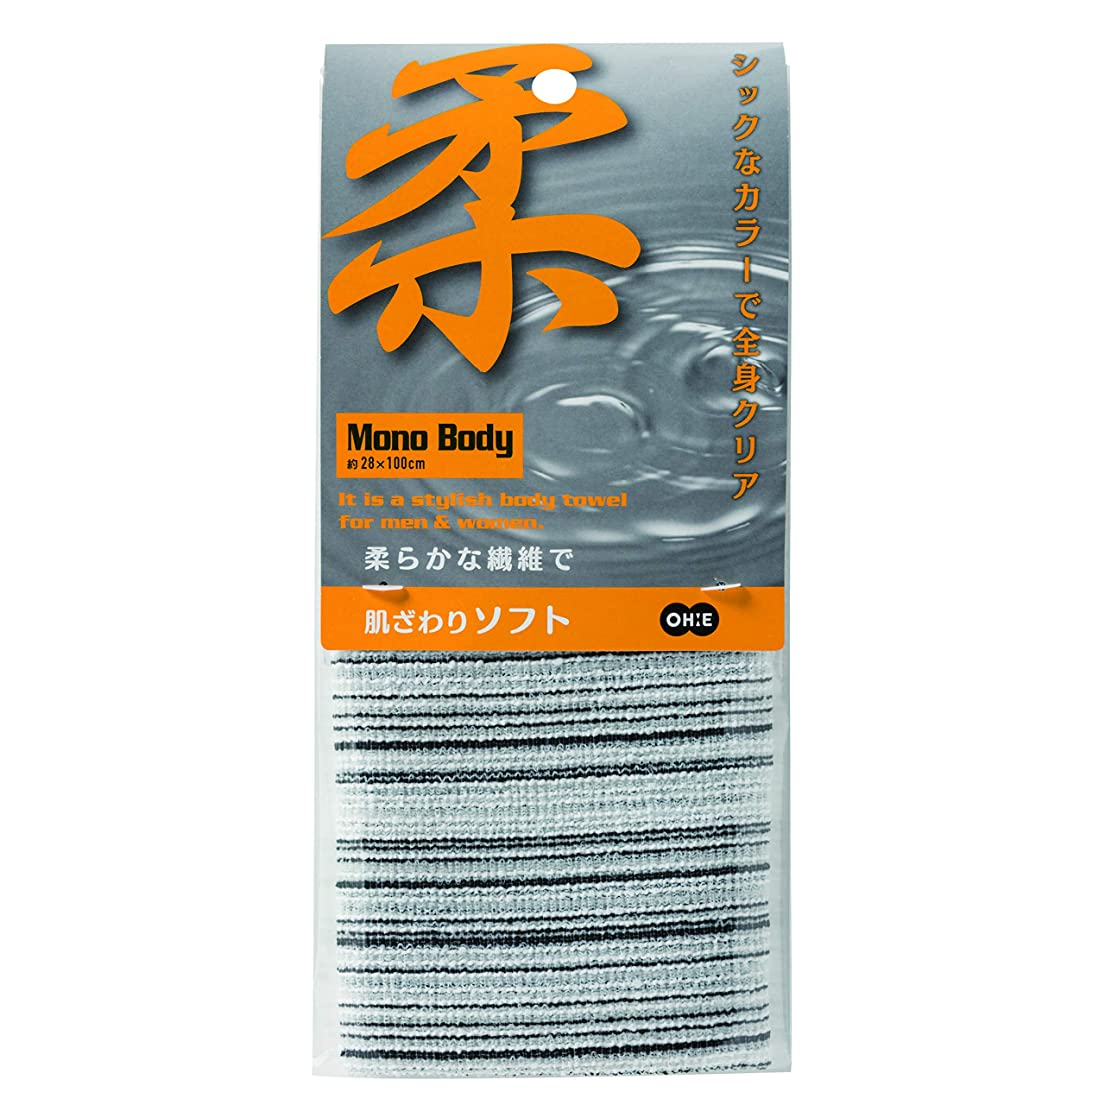 分泌する引き潮純粋にオーエ ボディタオル グレー 黒 約幅28×長さ100cm MB 柔 ソフト ストライプ 体洗い 日本製